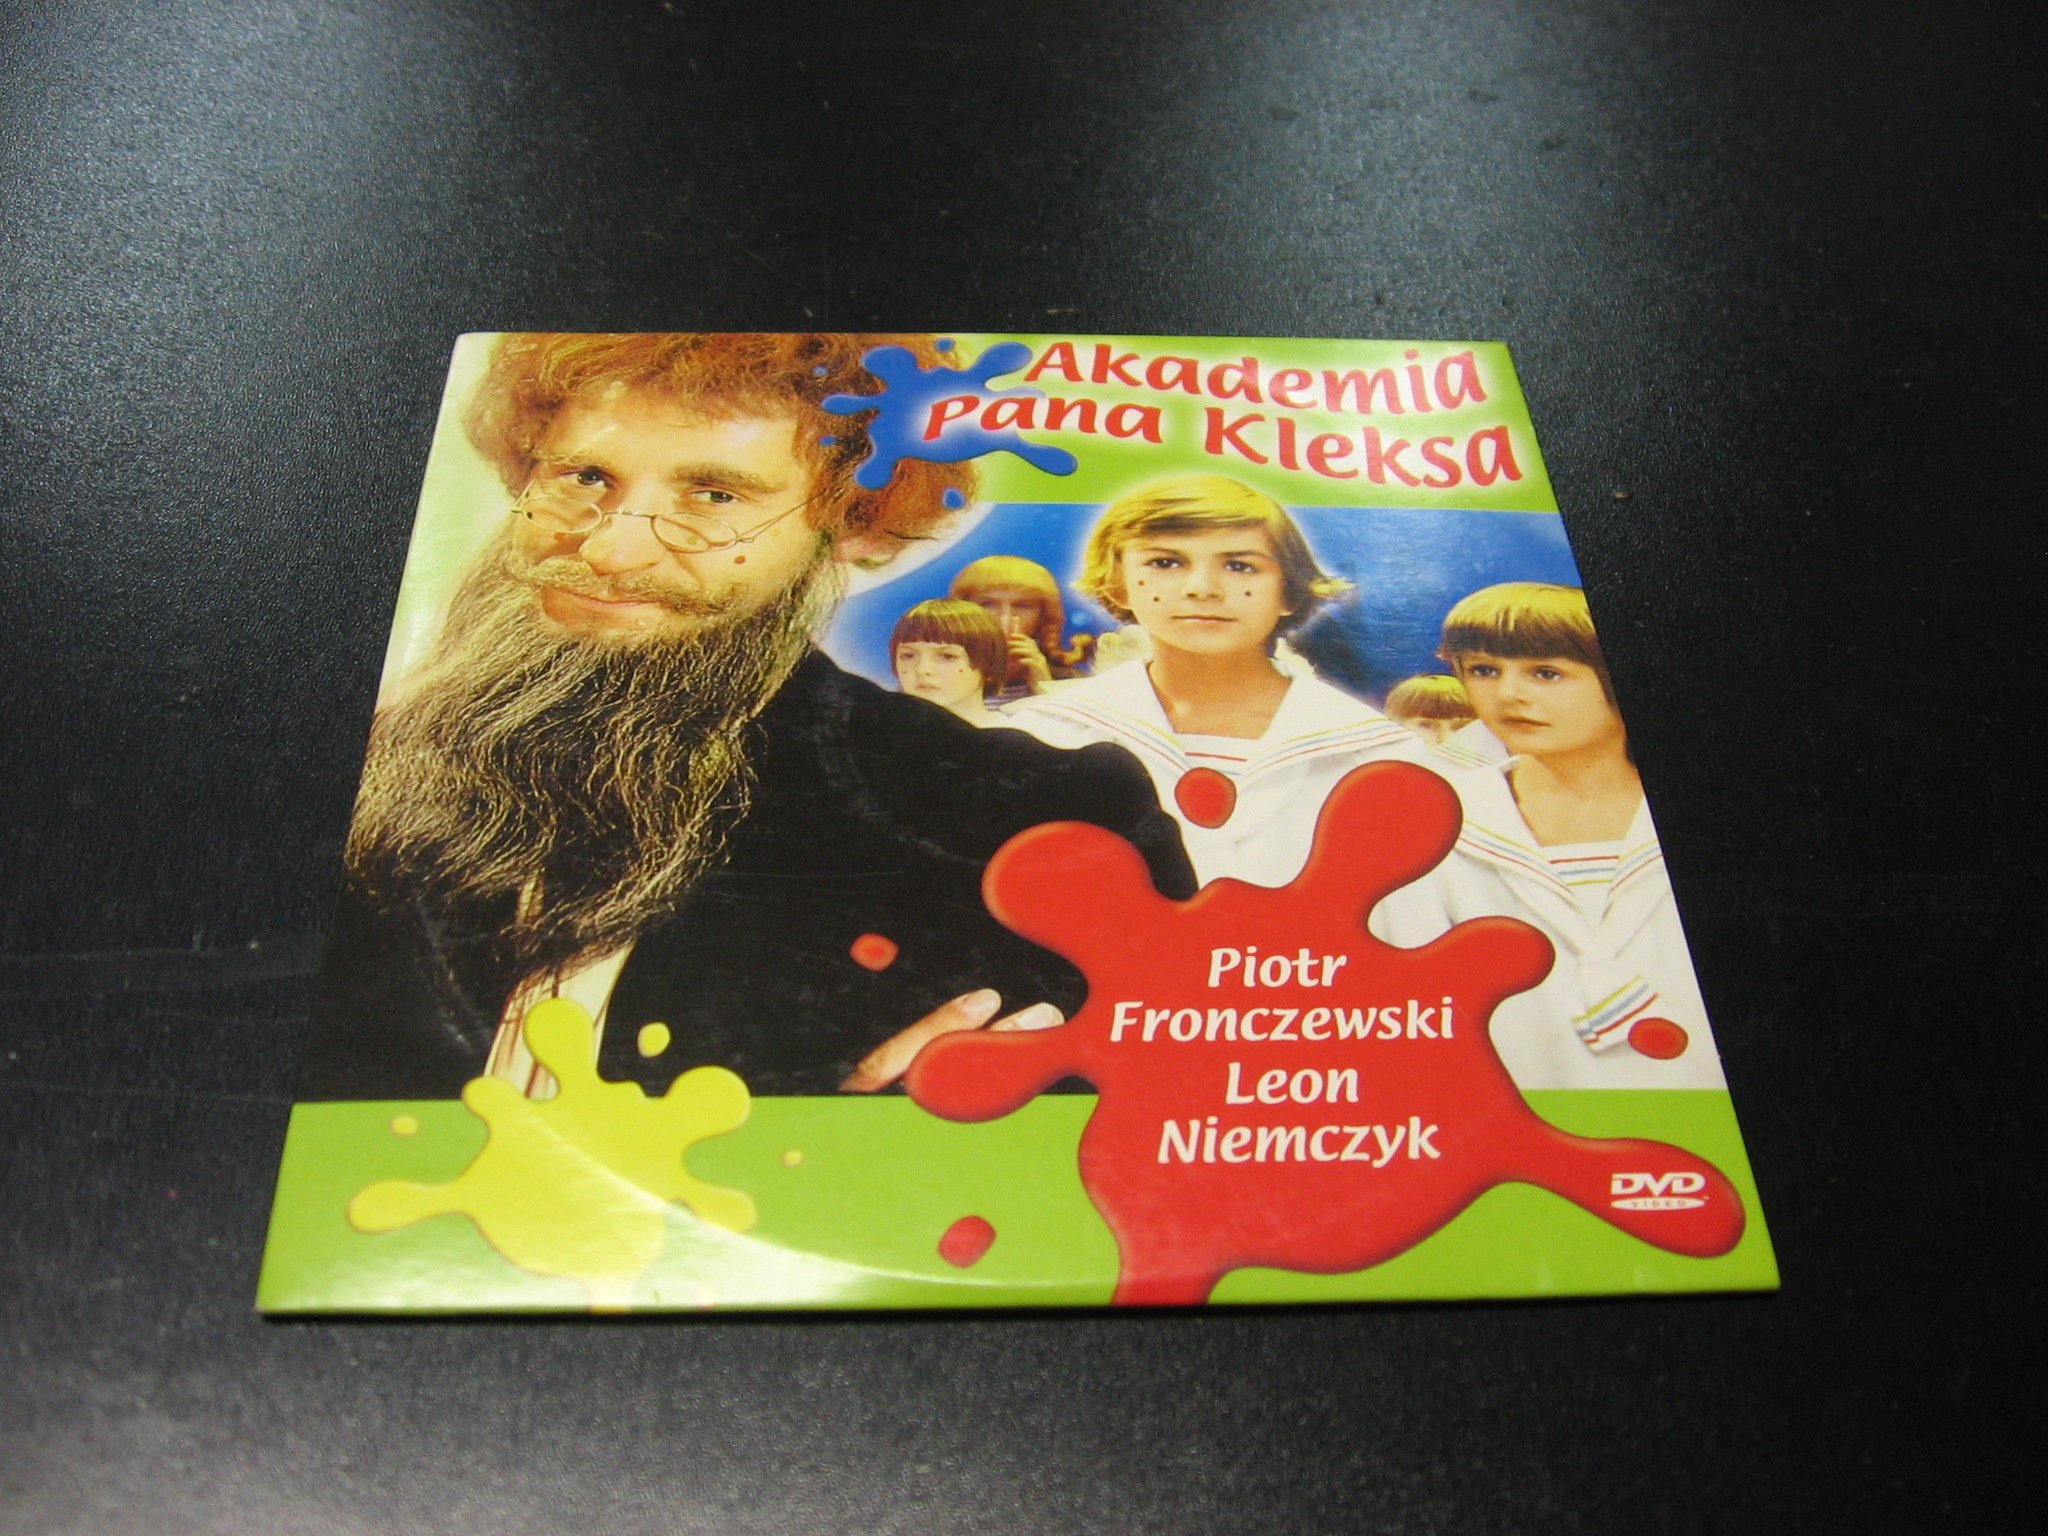 AKADEMIA PANA KLEKSA - PIOTR FRONCZEWSKI `````````` DVD ```````````` Opole